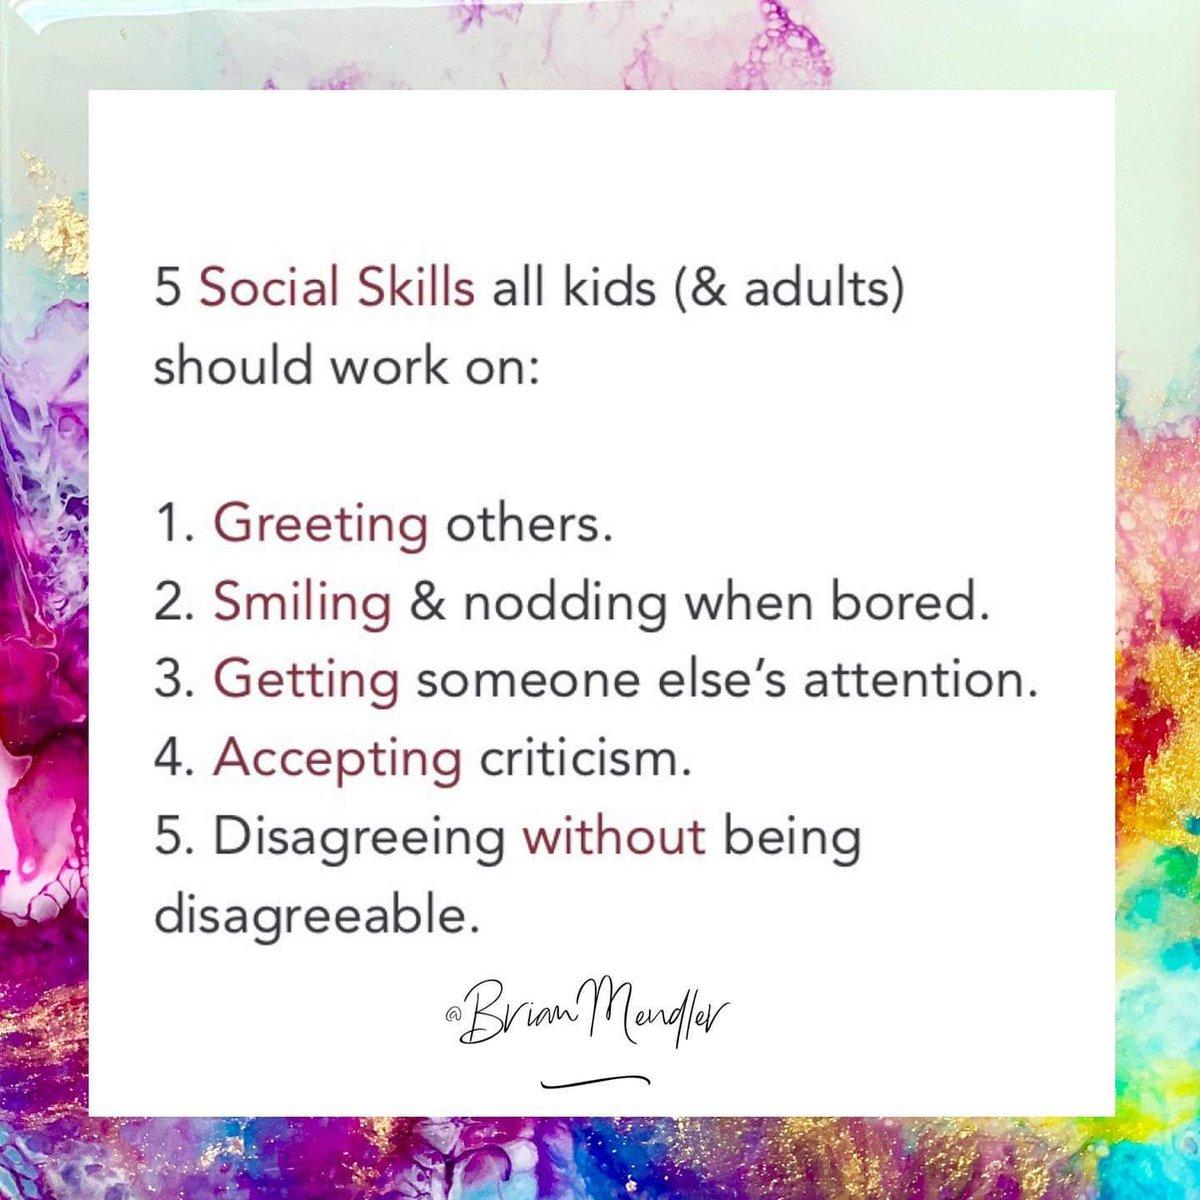 5 Social Skills all kids (& adults) should work on. #SEL #edchat #kidsdeserveit